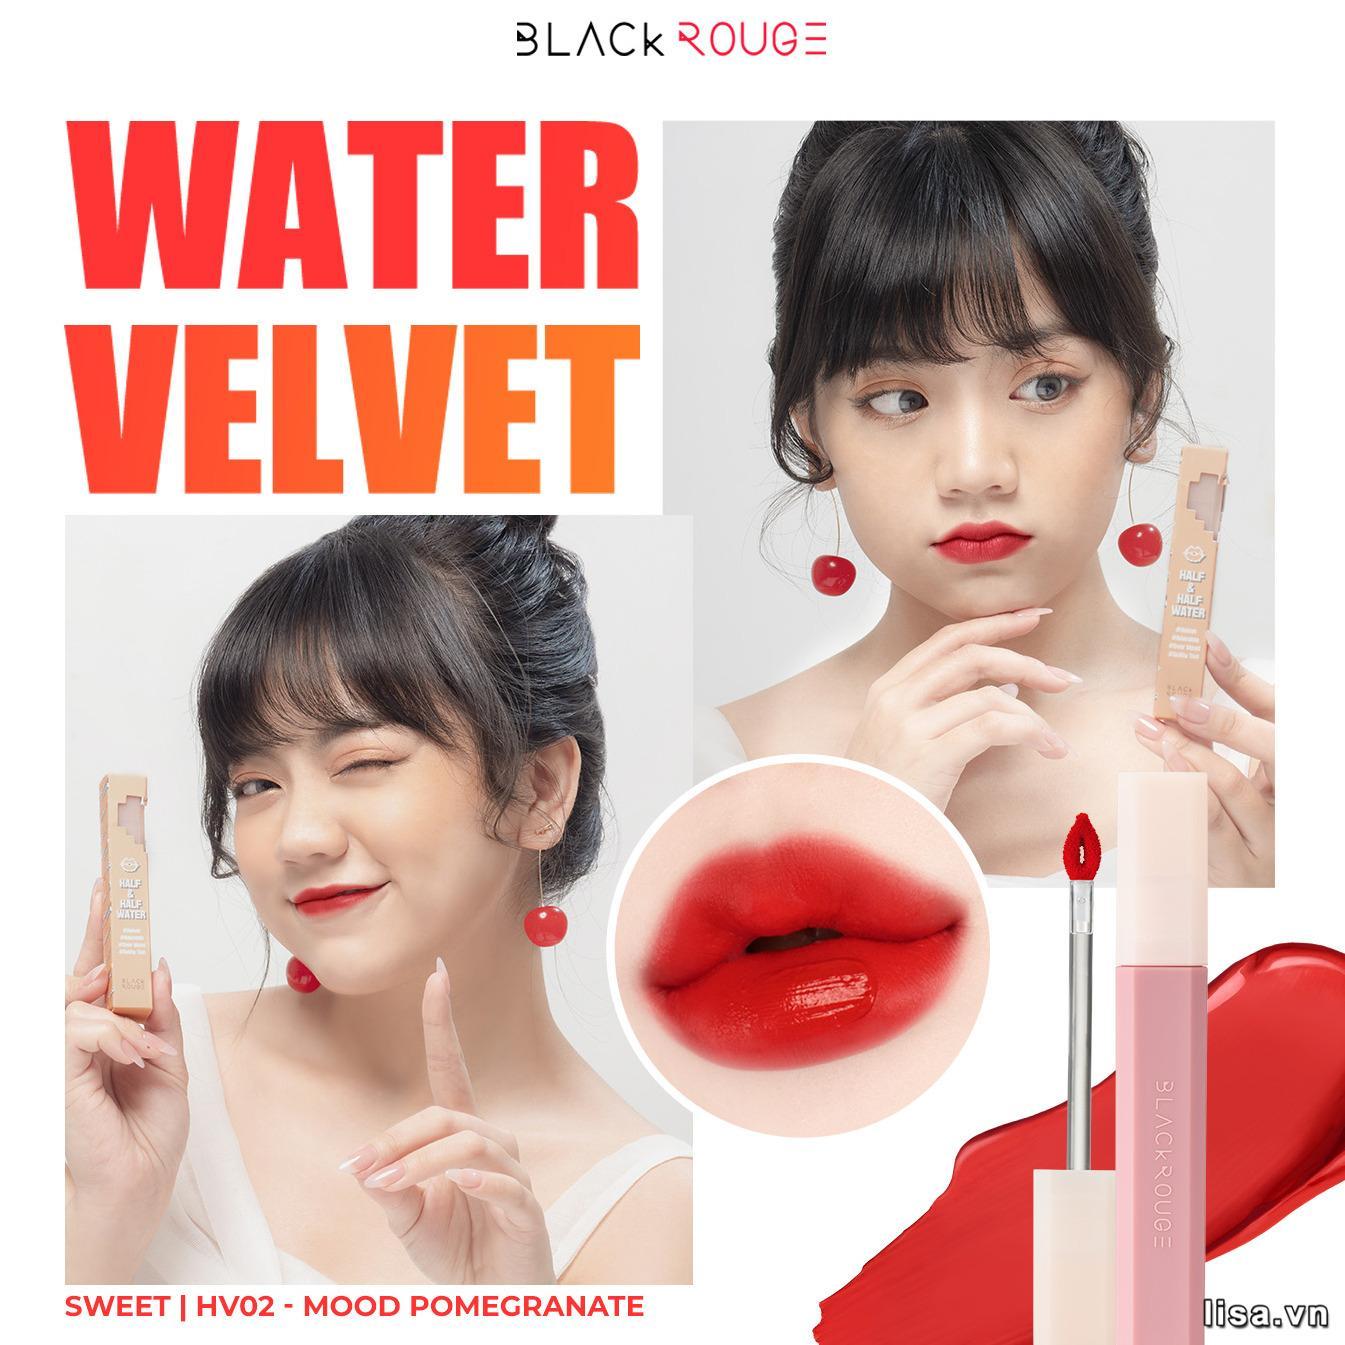 Son Black Rouge HV02 là màu gì? Son có màu đỏ hồng lựu ngọt ngào